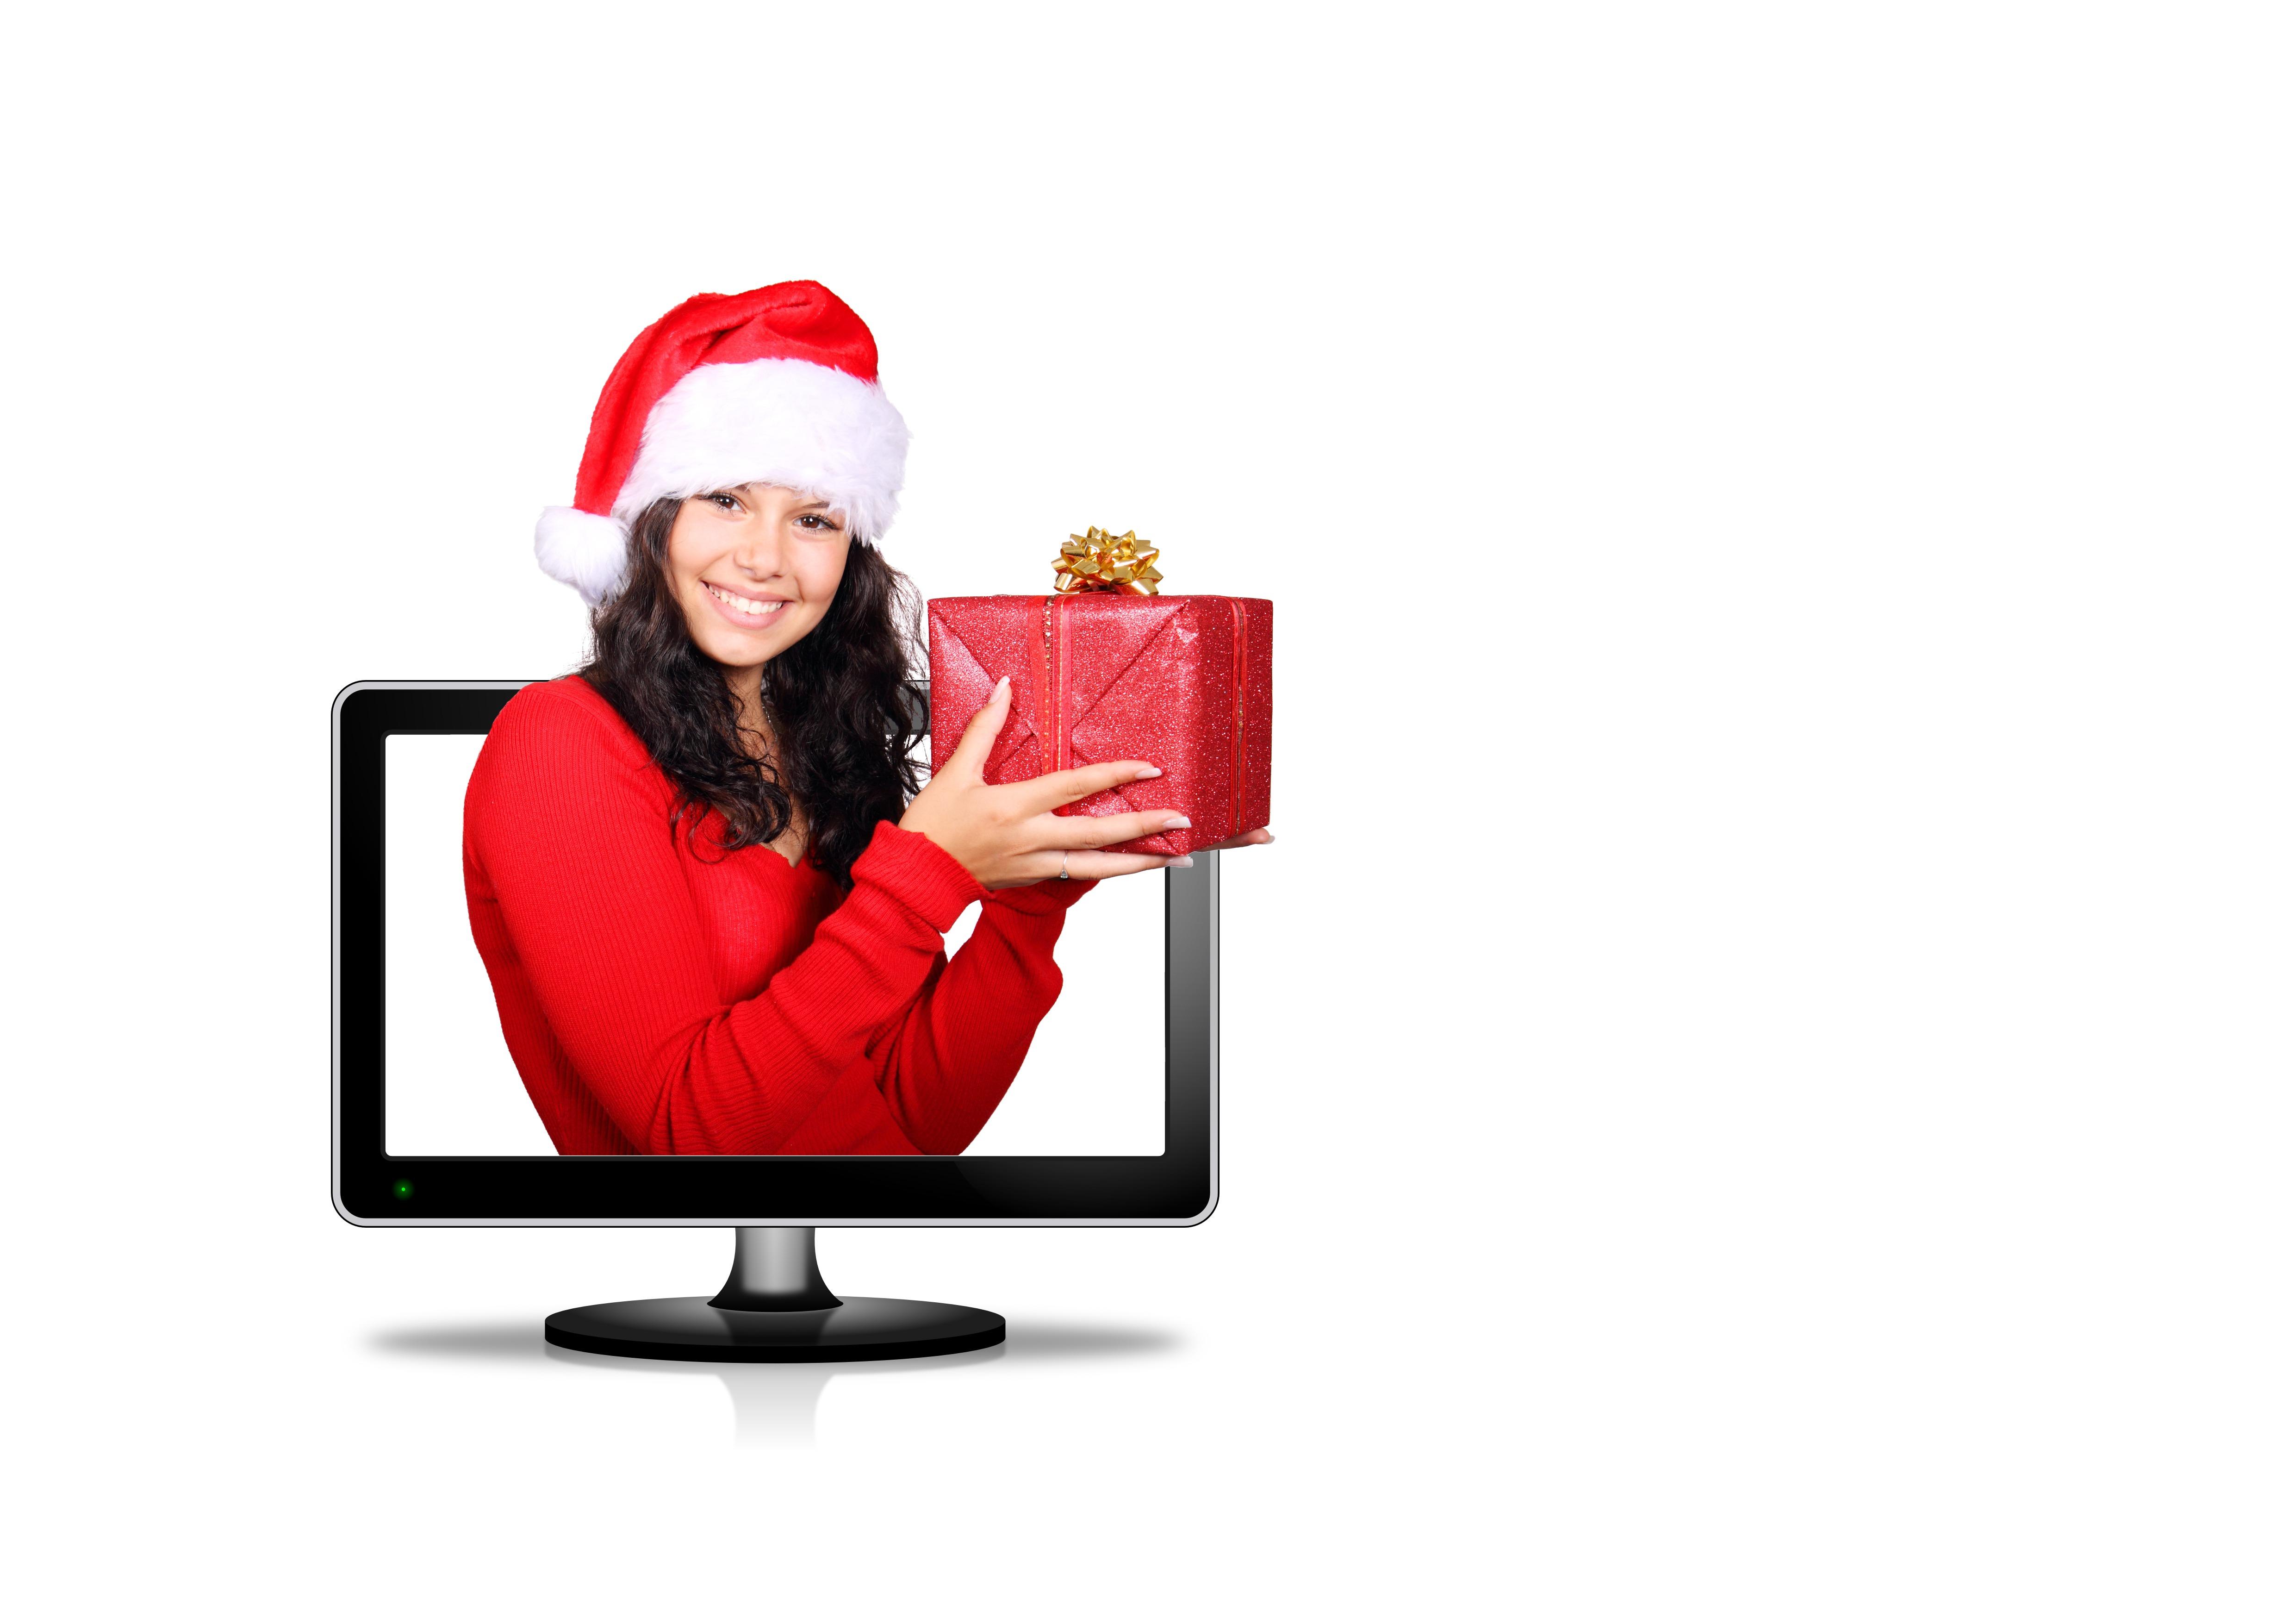 ragazza donna bianca isolato femmina regalo giovane rosso cappello scatola  Natale Sorriso Santa tenere sotto controllo b53bf72f30bb